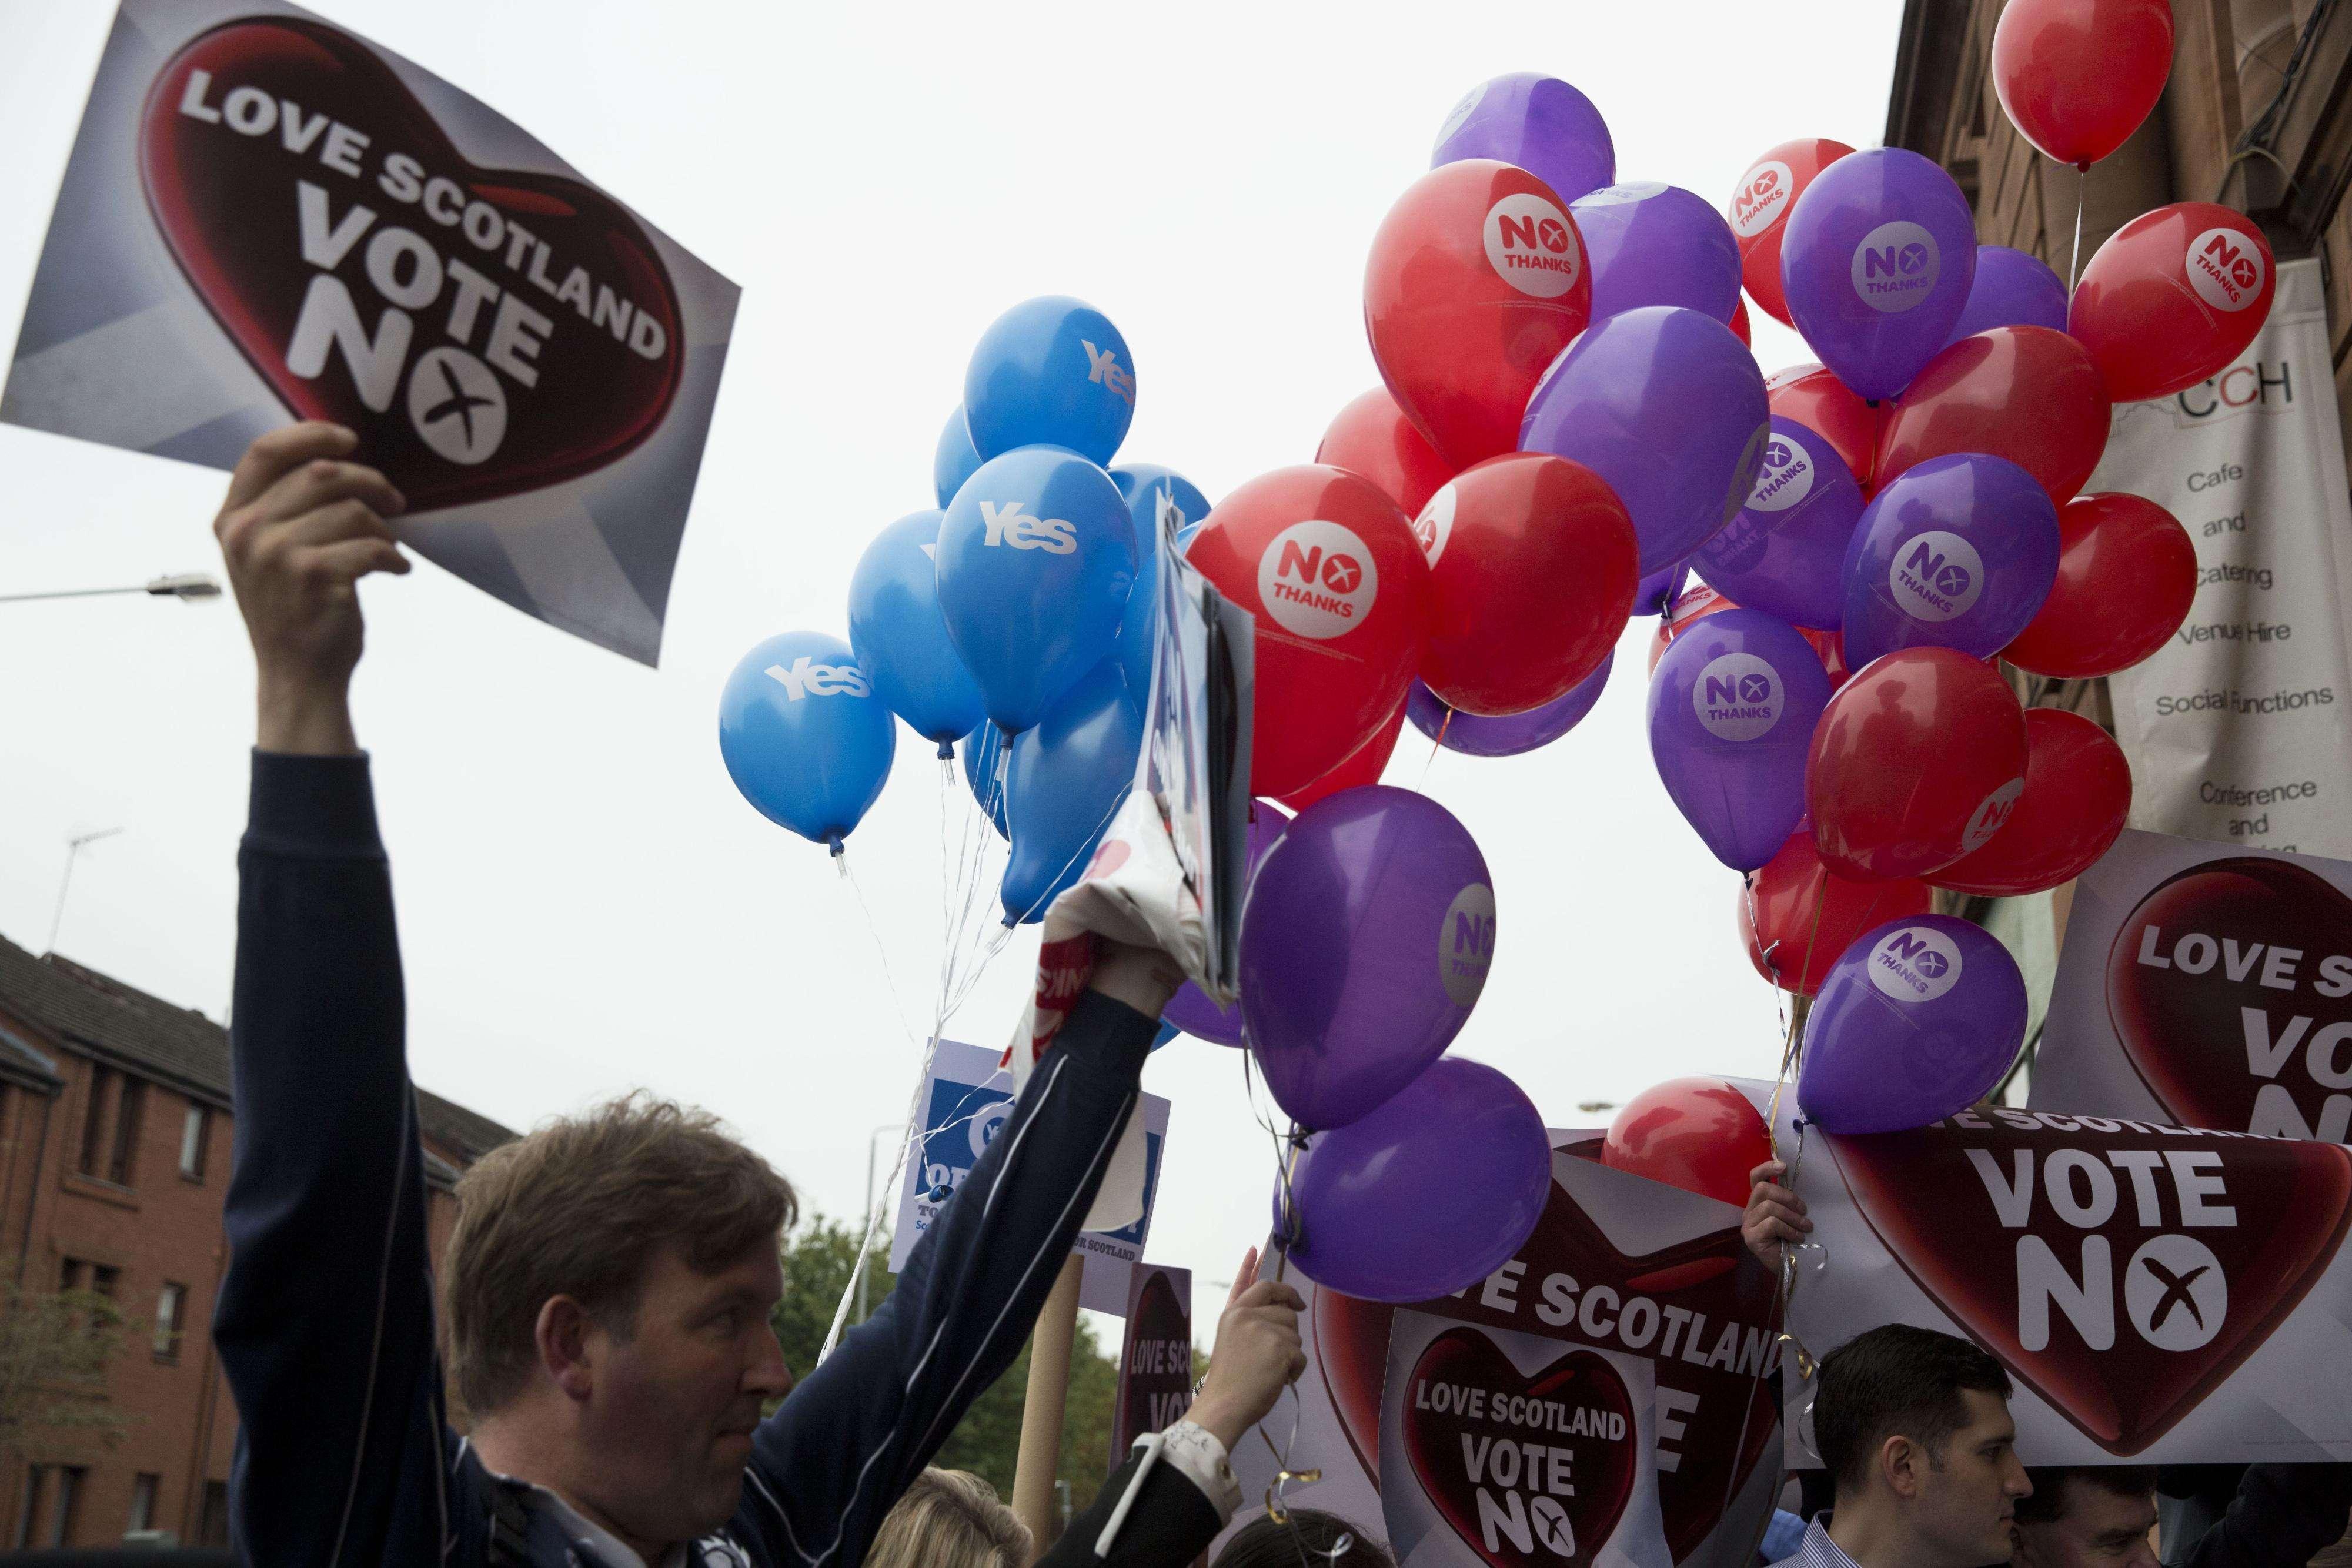 """Globos de los defensores del """"sí"""" flotan en el aire junto a los carteles de partidarios del """"no"""" en un acto electoral en Glasgow, Escocia, el 17 de septiembre de 2014. Foto: AP en español"""